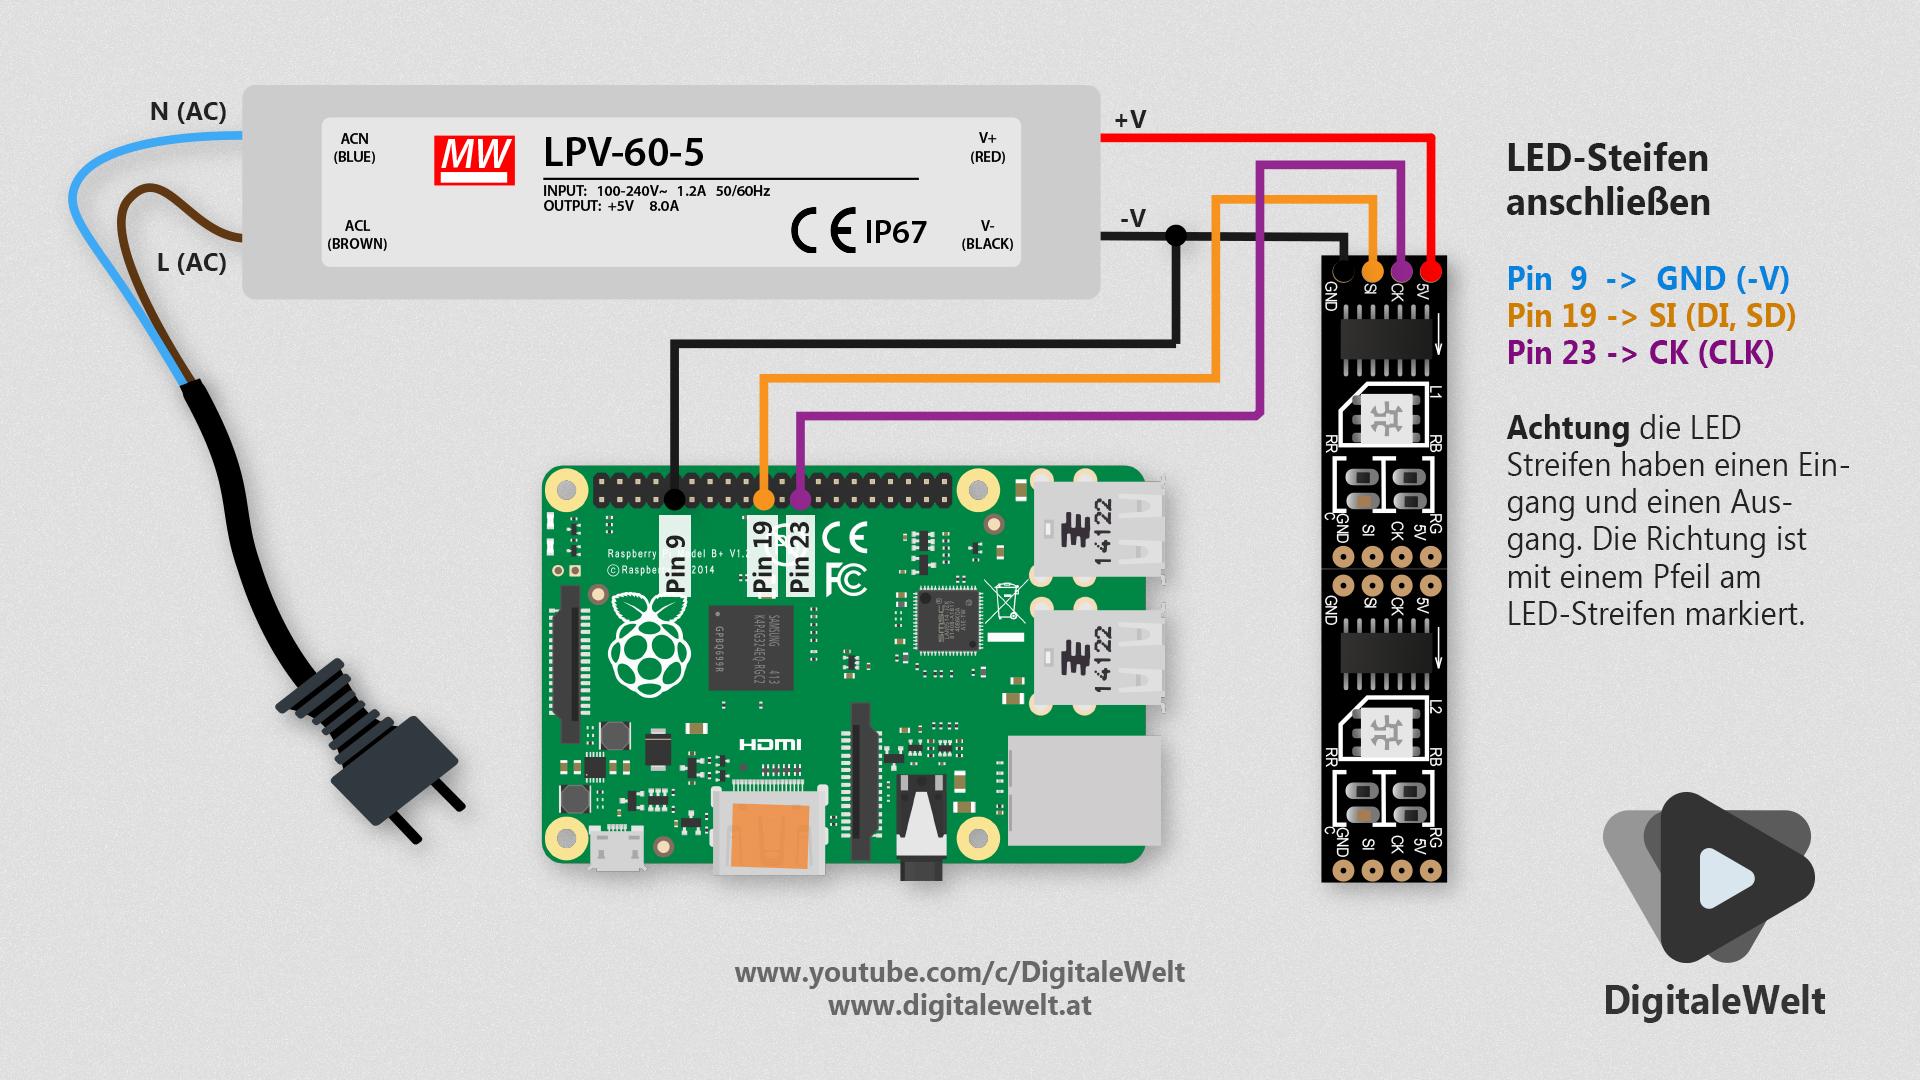 Ambilight Projekt - Verkabelung LED Netzteil - Digitale Welt